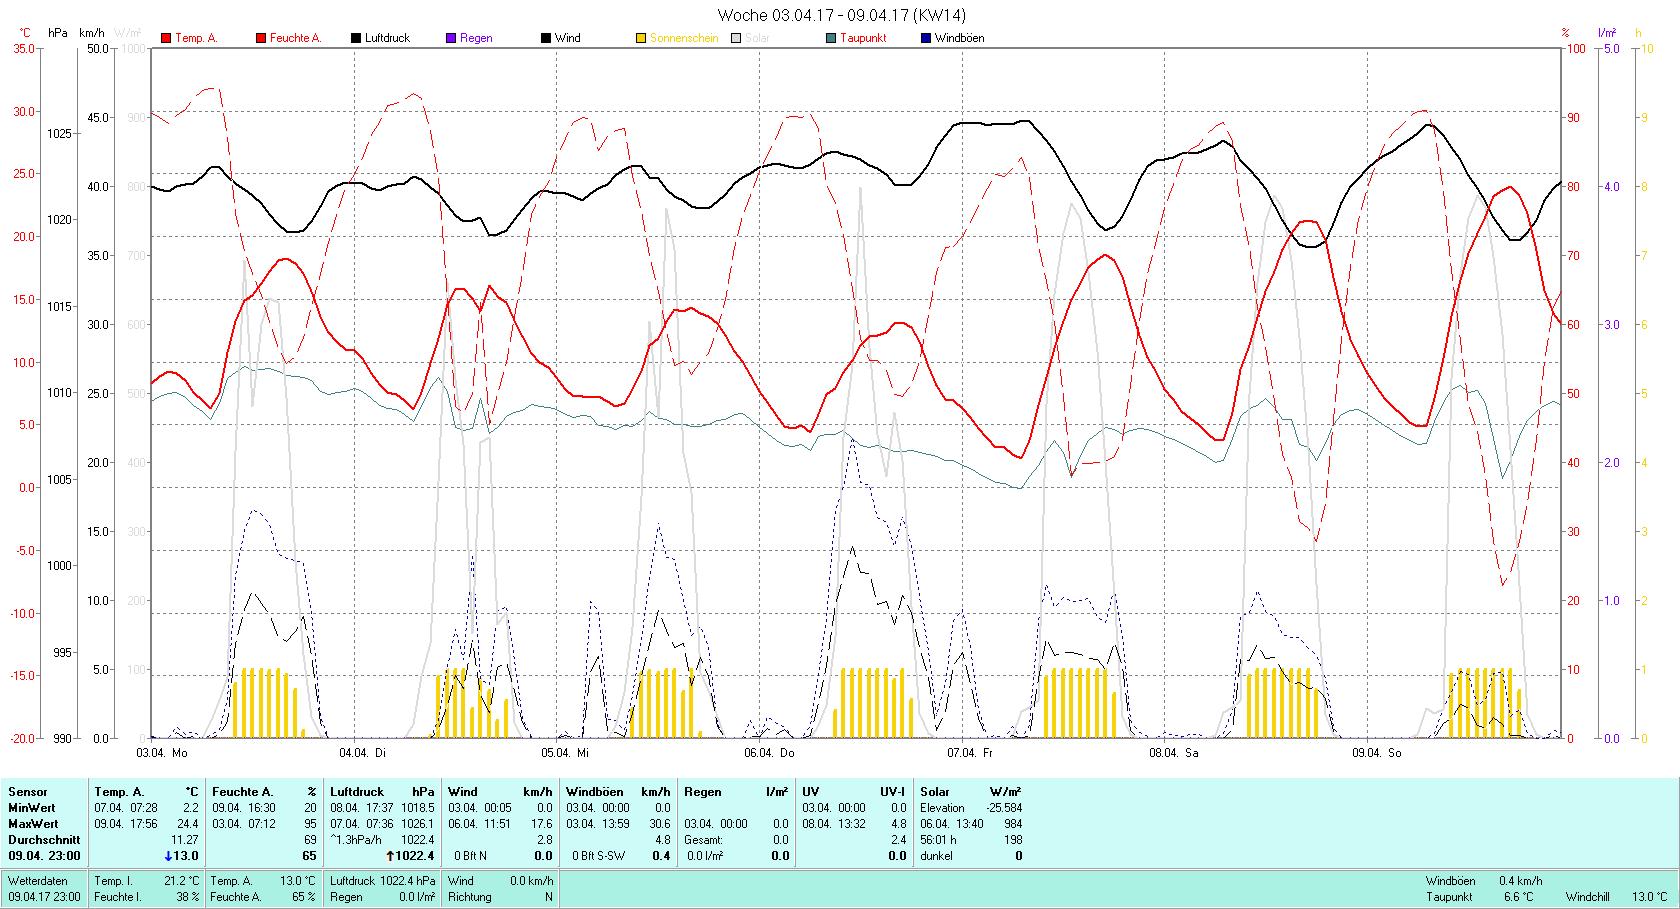 KW 14 Tmin 2.2°C, Tmax 24.4°C, Sonne 56:01h, Niederschlag 0.0mm/2